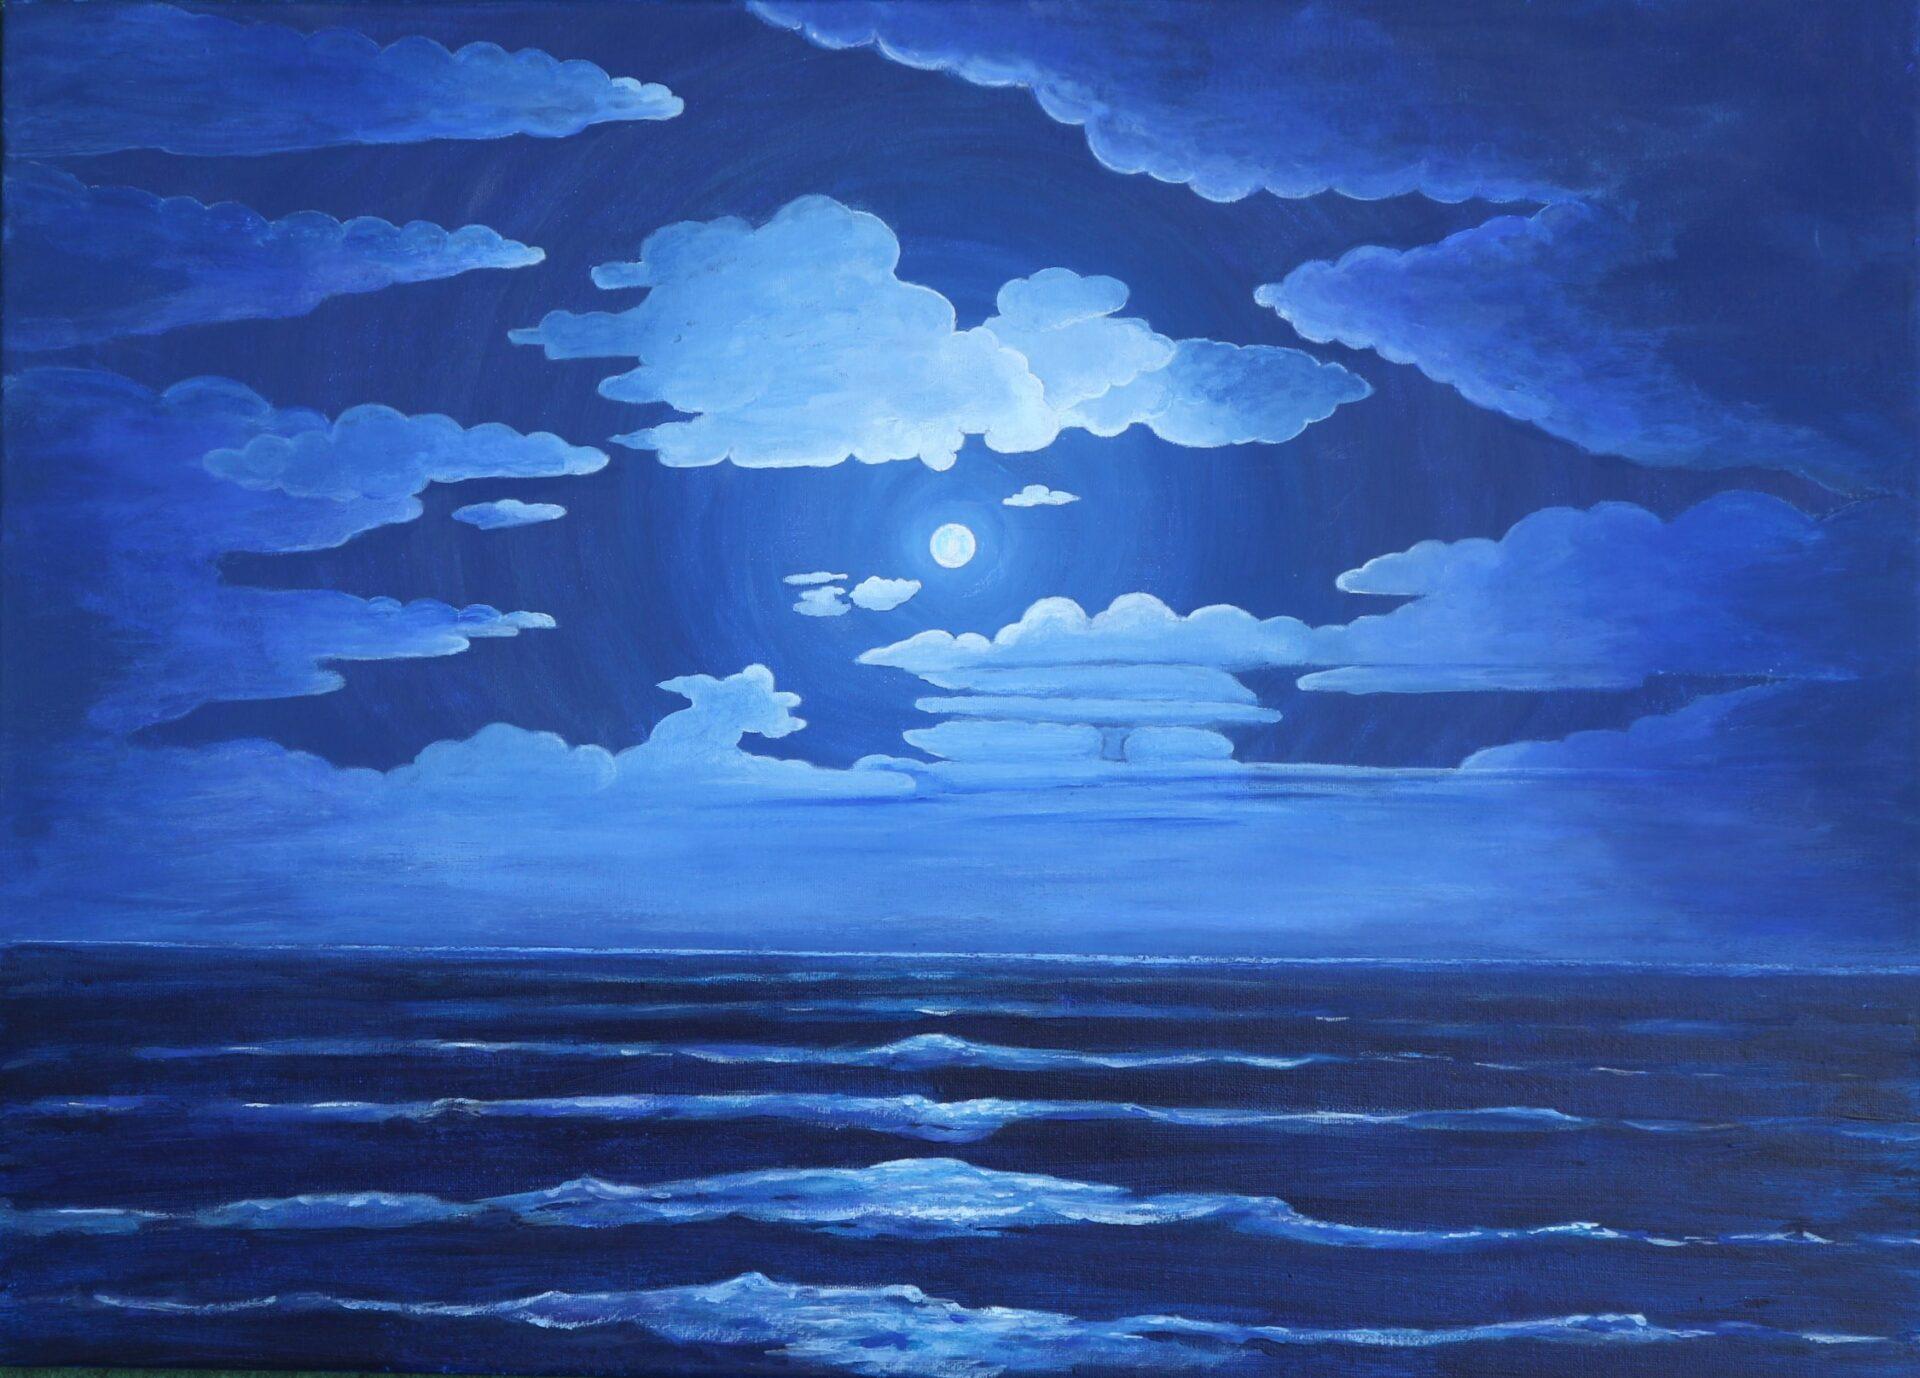 Mond über dem Meer